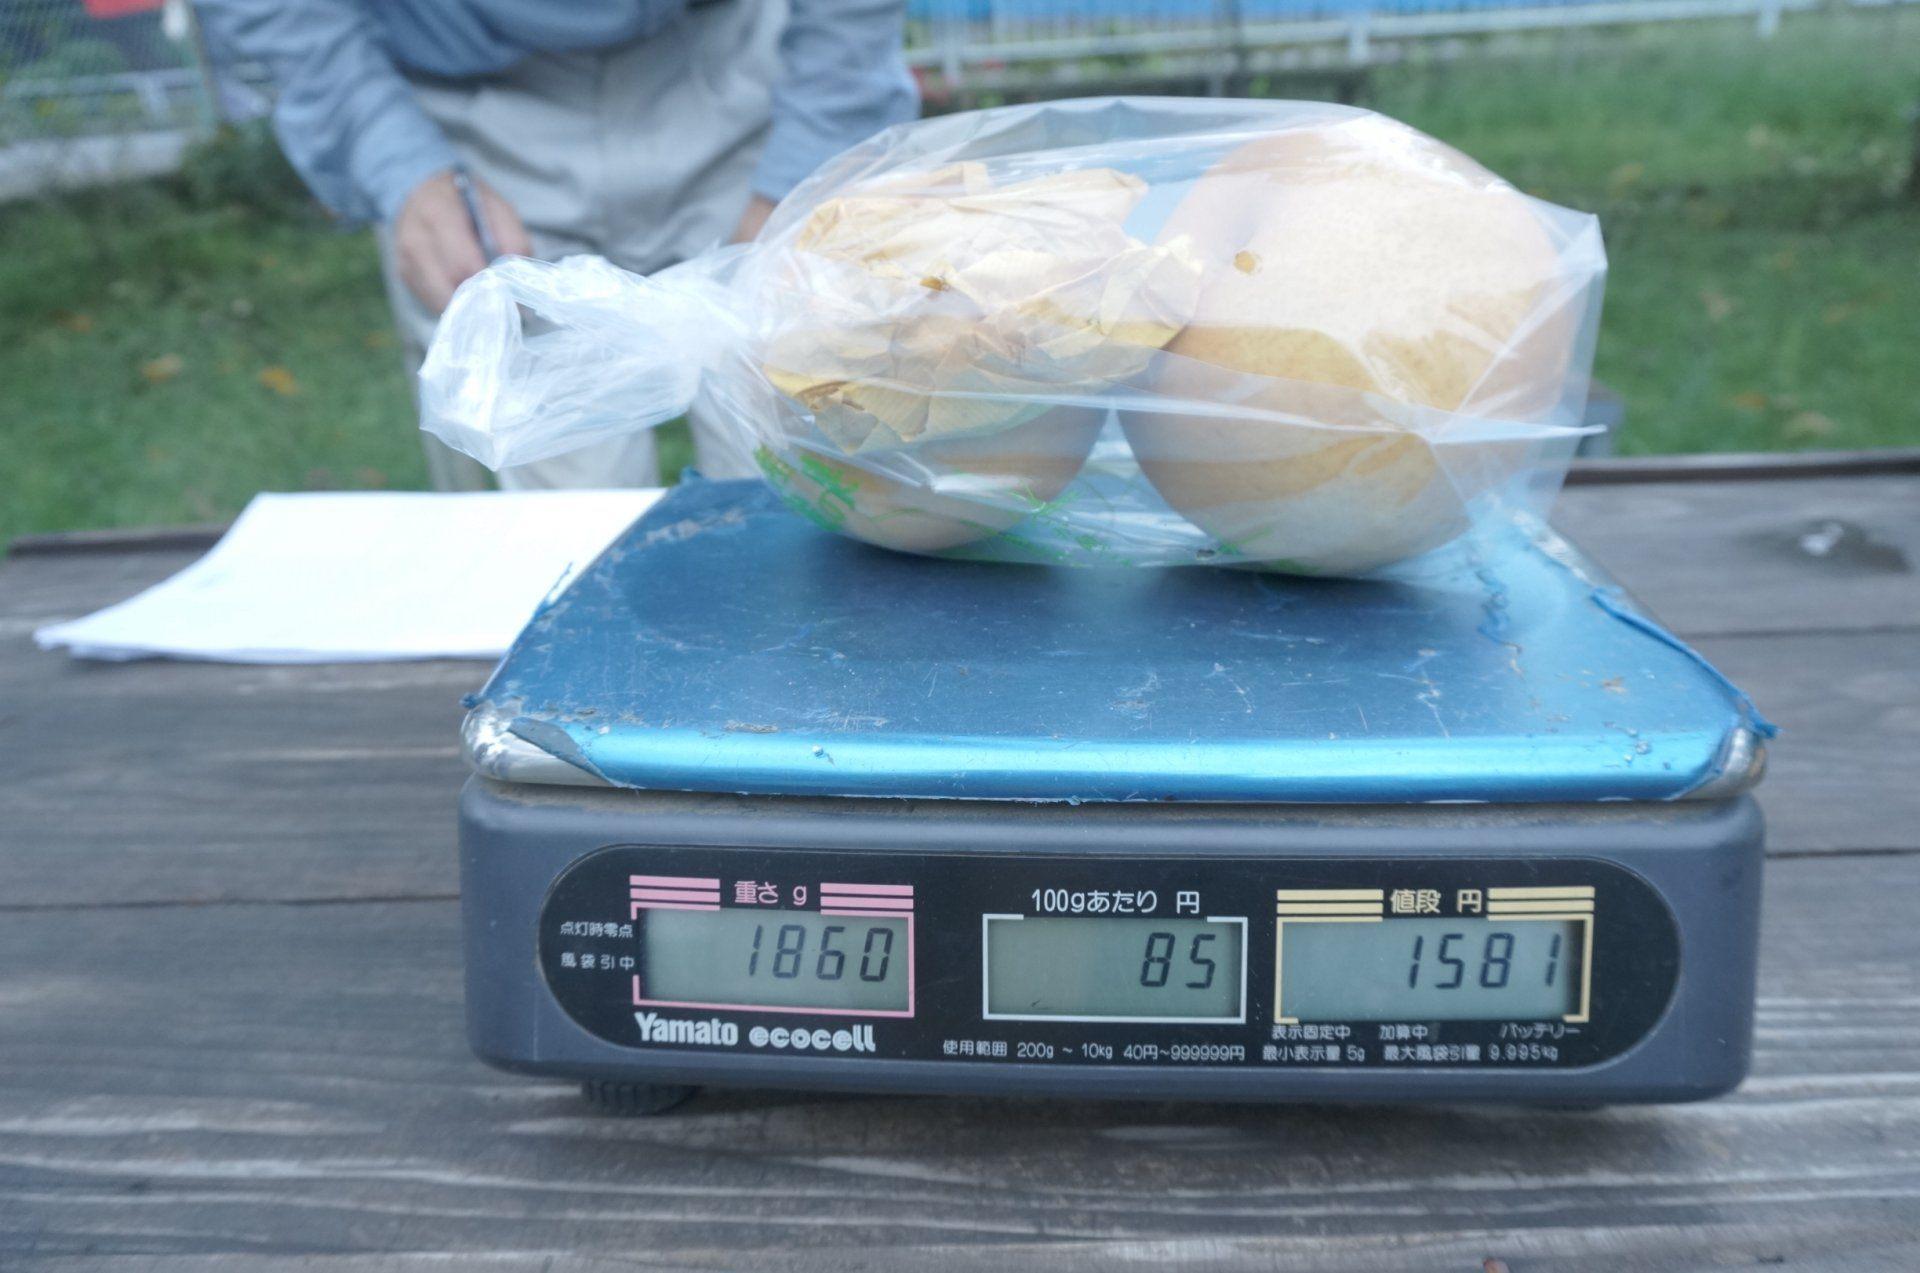 新高梨 平均1个约900g重